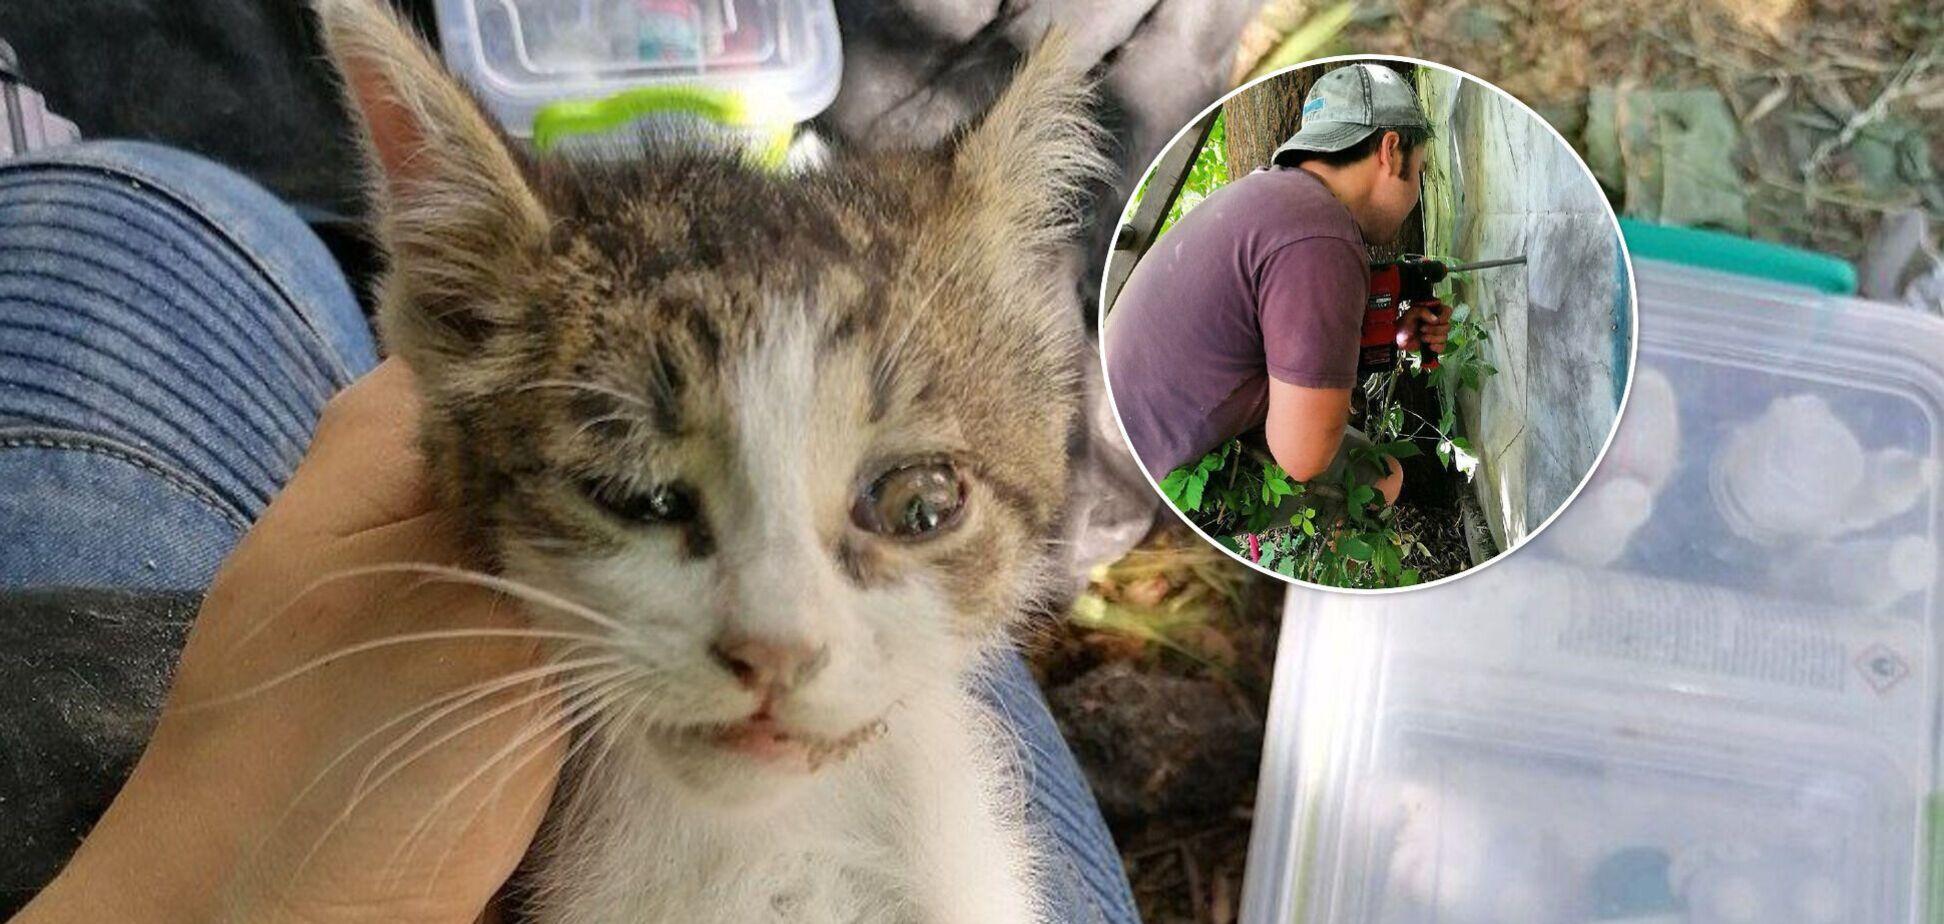 У Києві врятували кошеня, яке застрягло між бетонним парканом і гаражем: страждало кілька днів. Фото